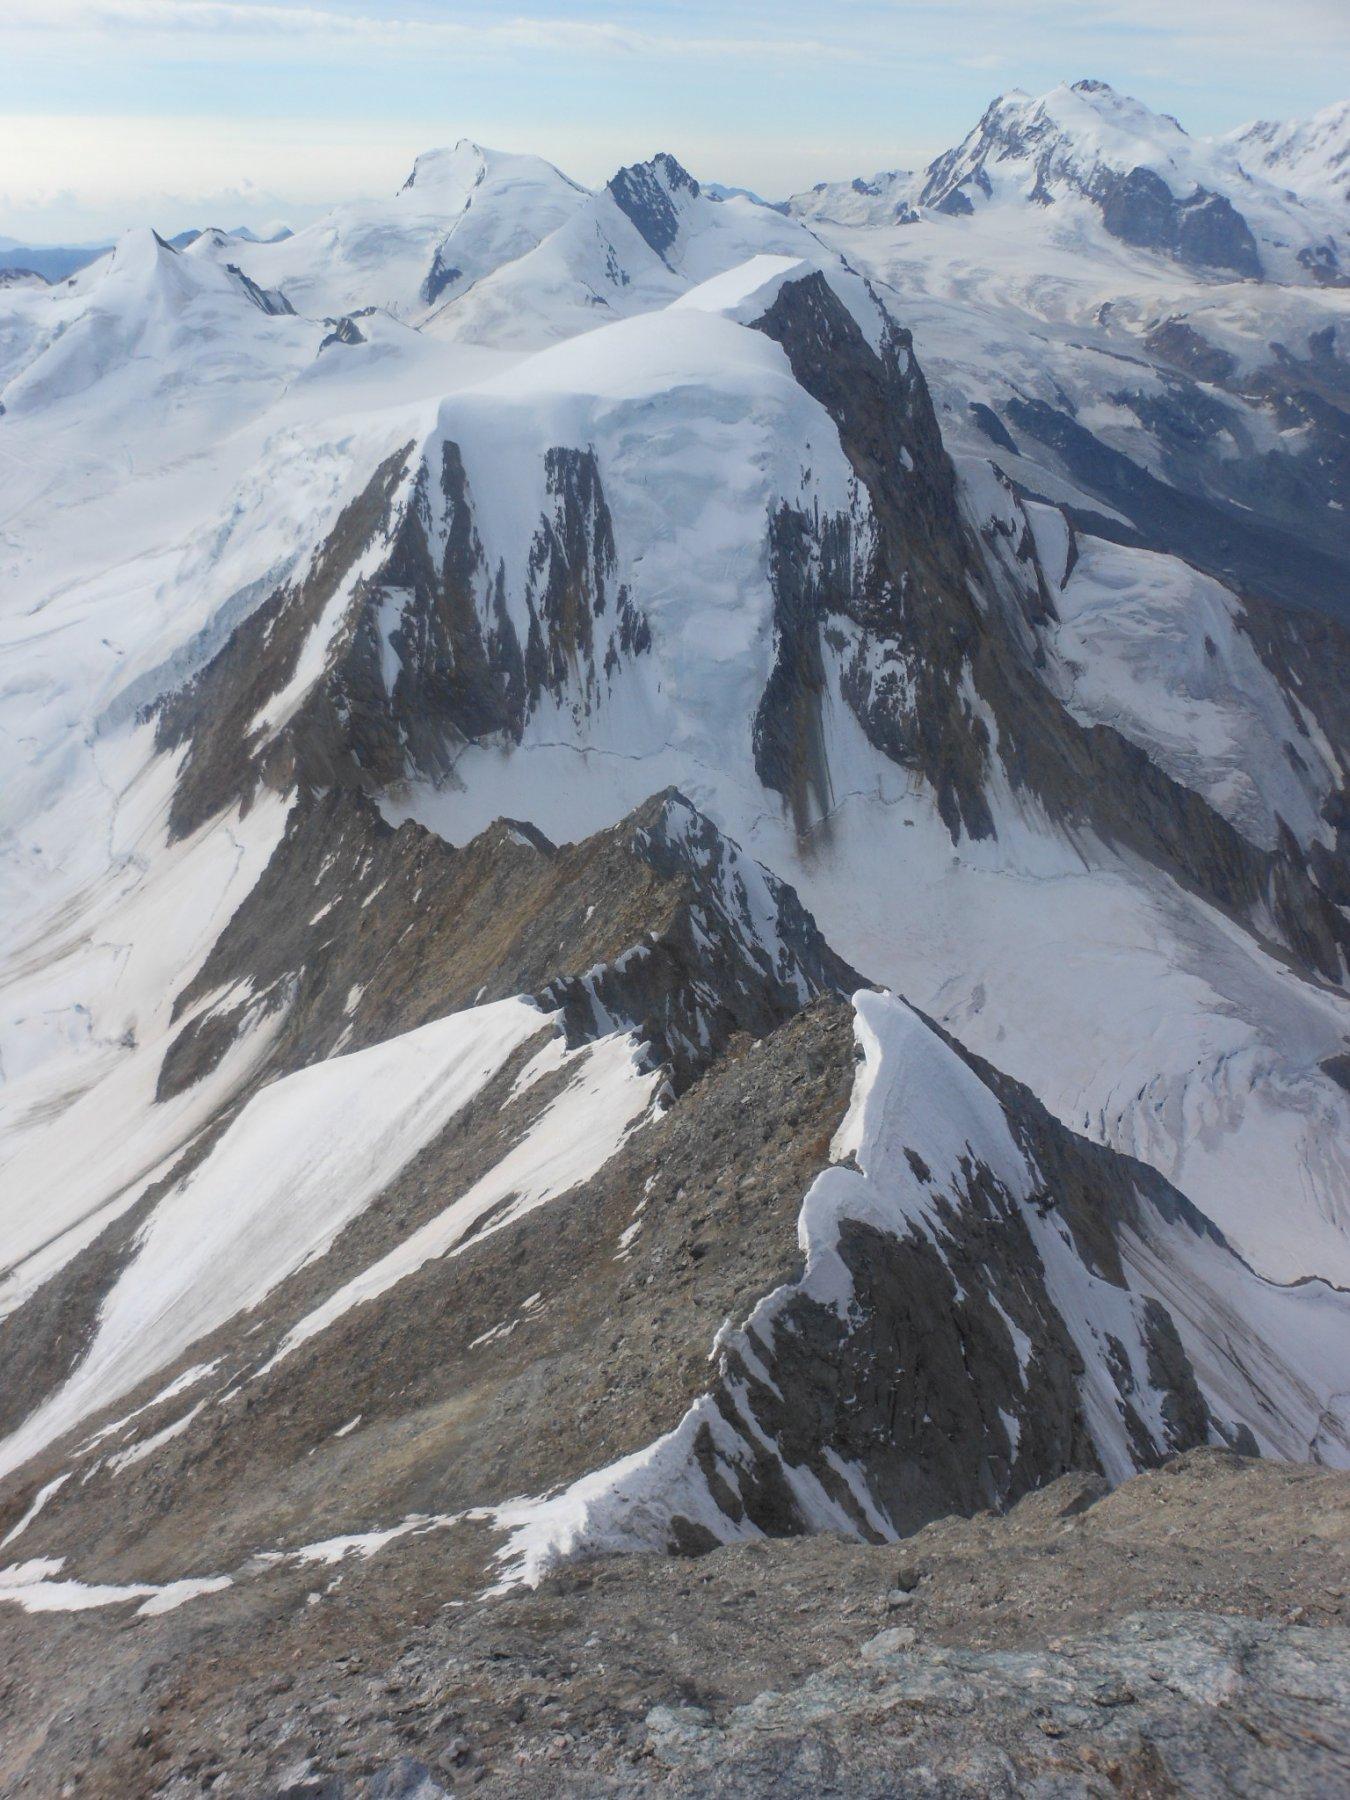 Dalla vetta, le esili lingue di neve, prive di cornici da percorrere